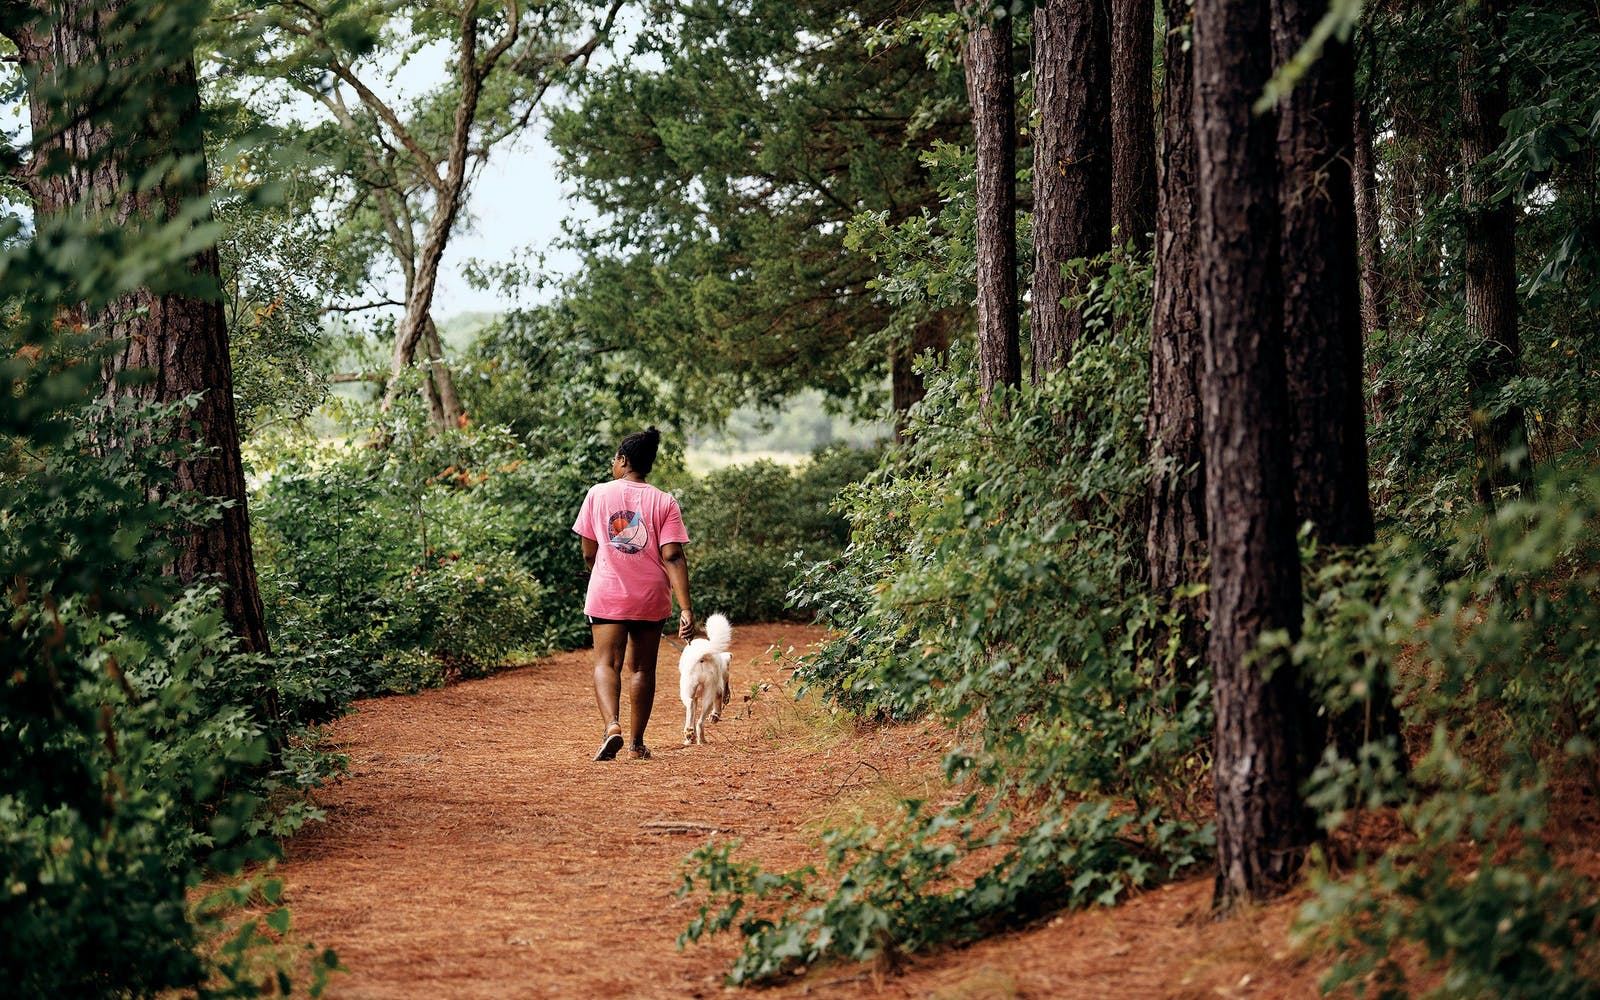 Lakeshore trail